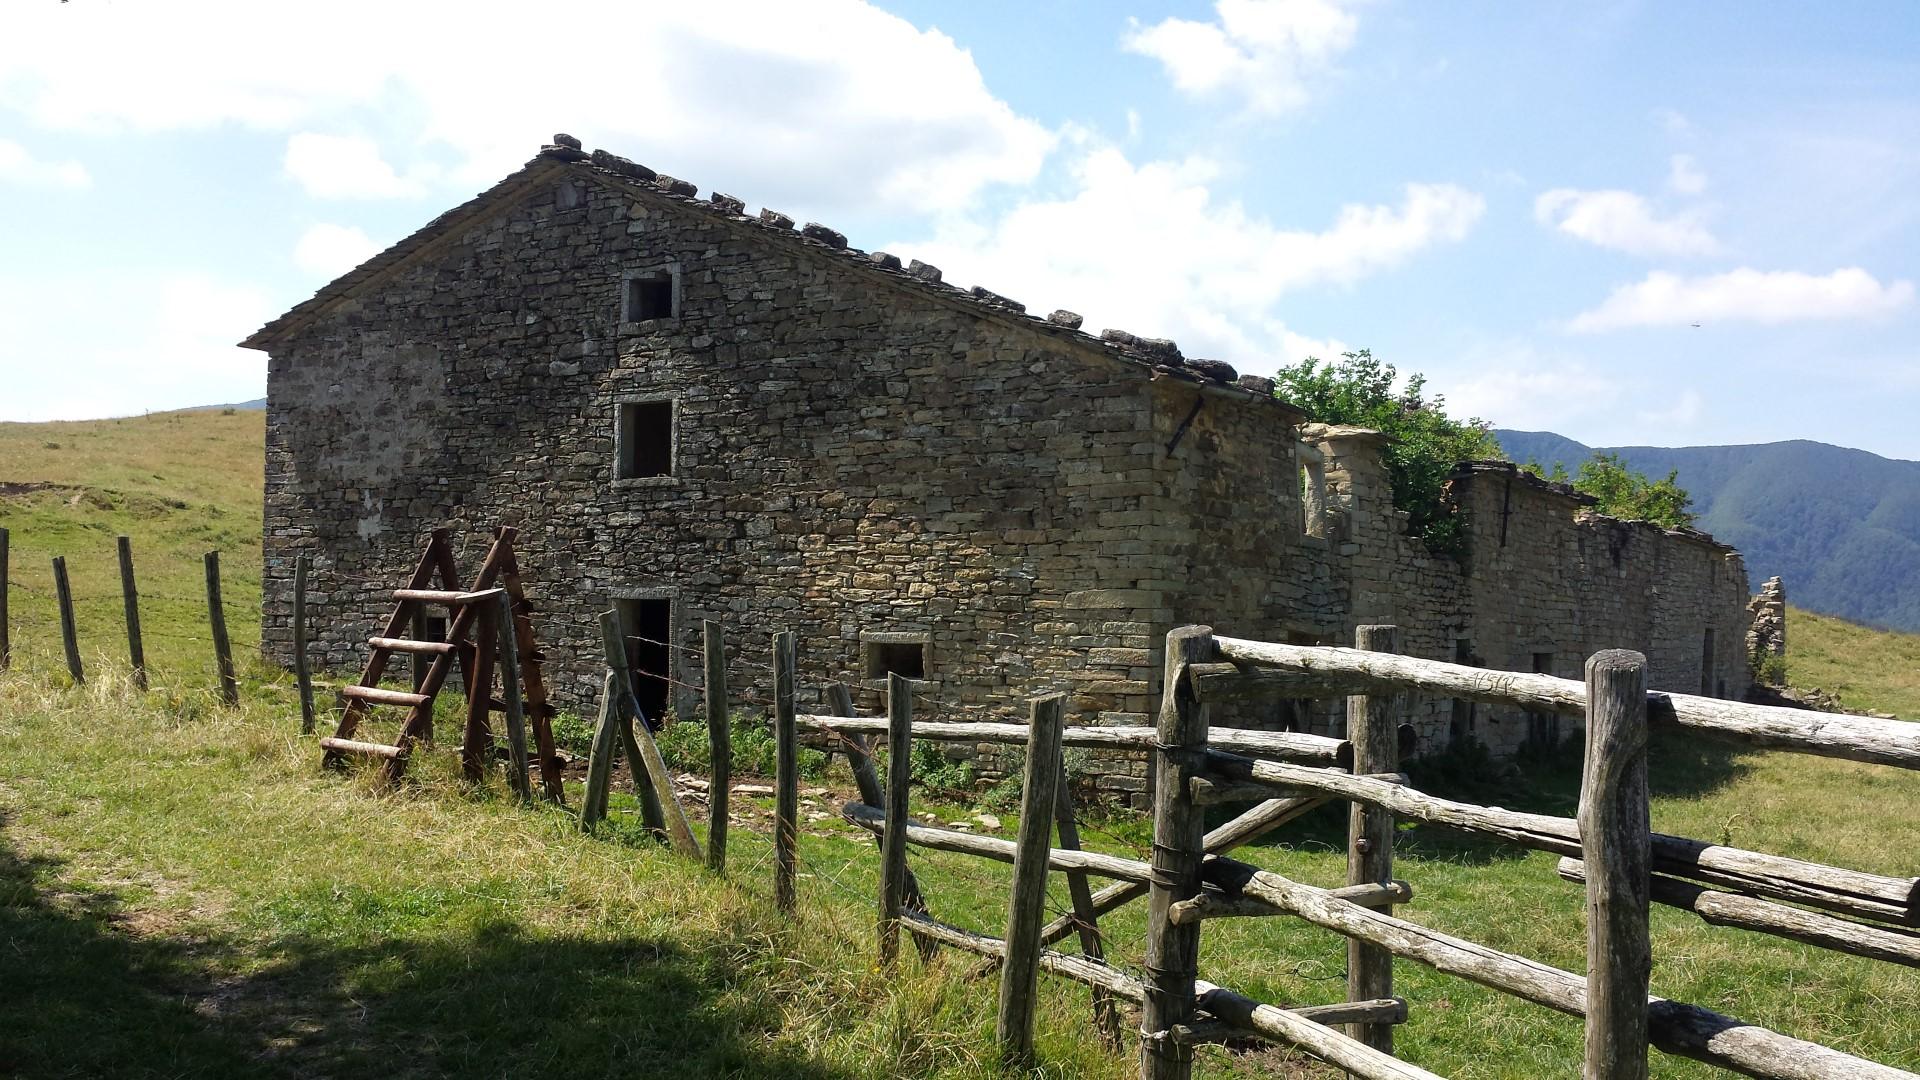 Vecchievie.it: escursioni in Casentino, Arezzo Vecchievie.it: escursioni in Casentino, Arezzo